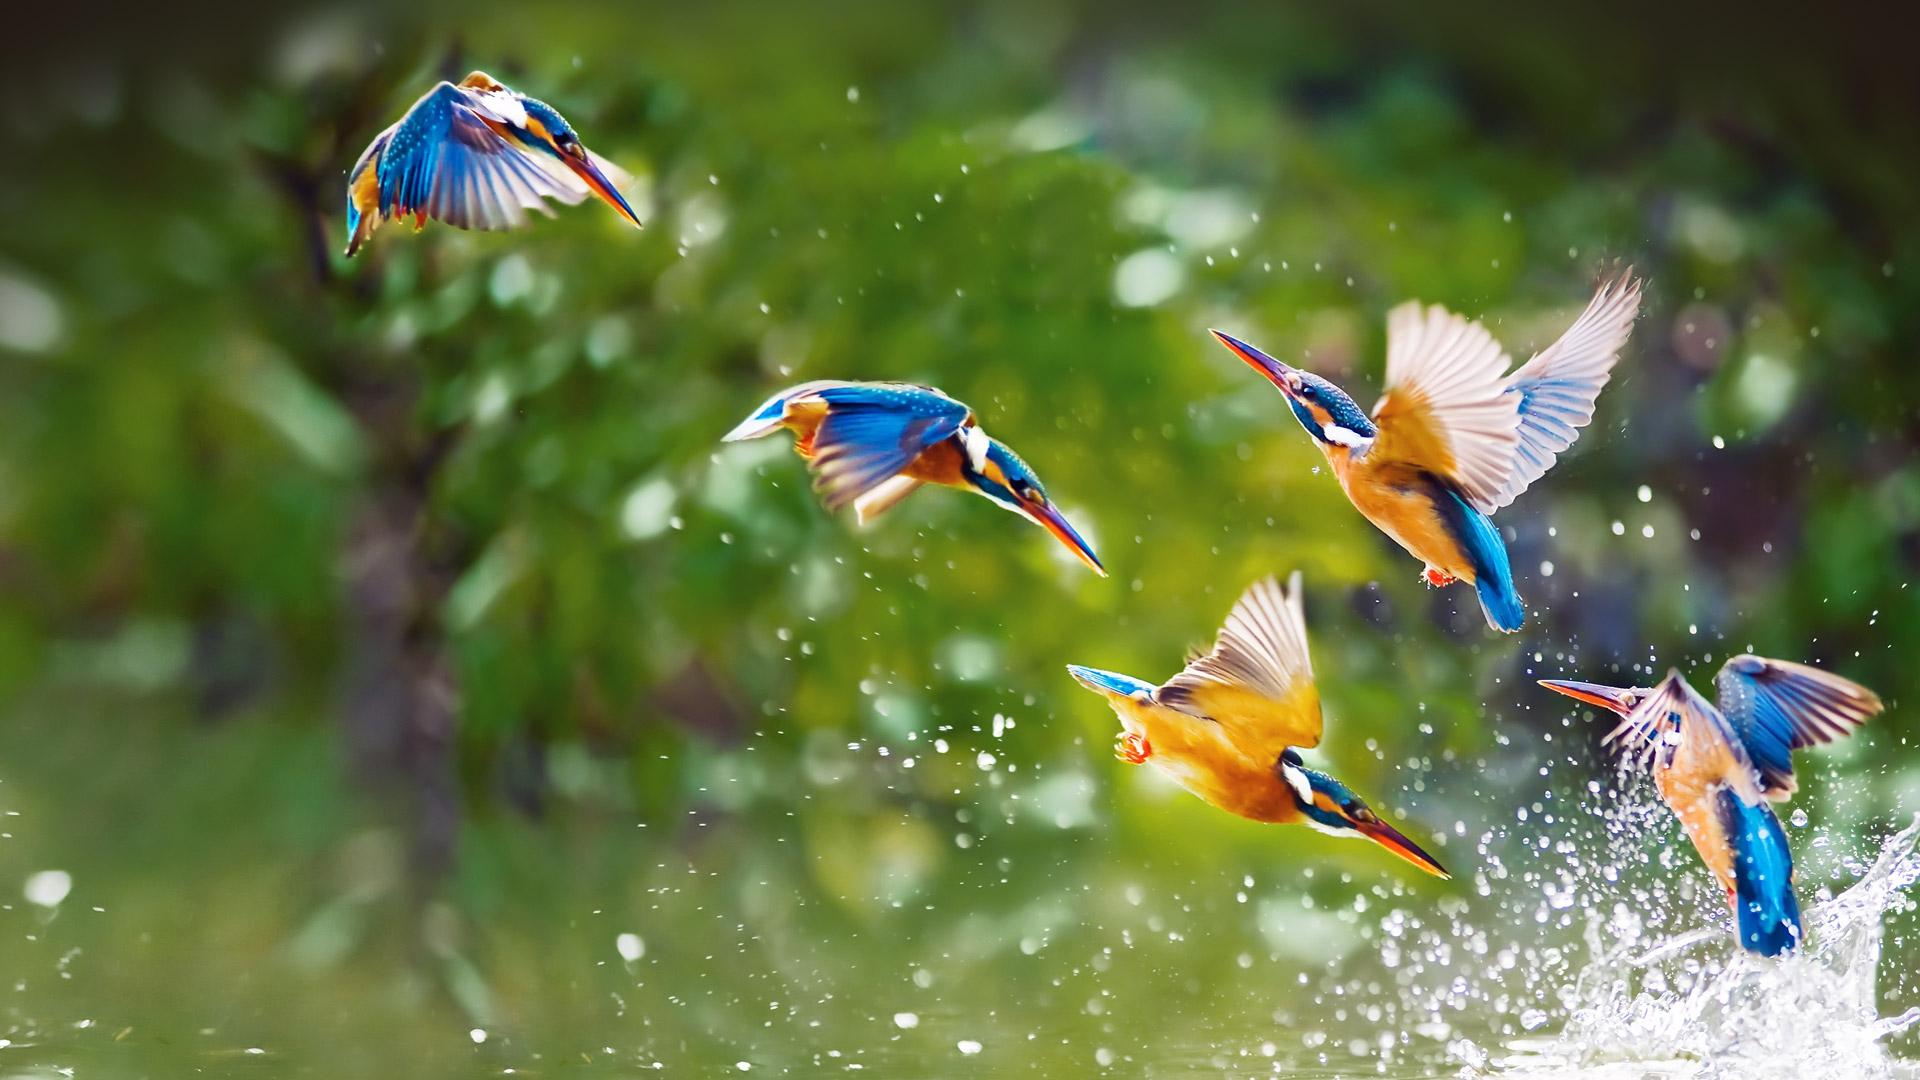 Hình background đẹp những chú chim vui đùa